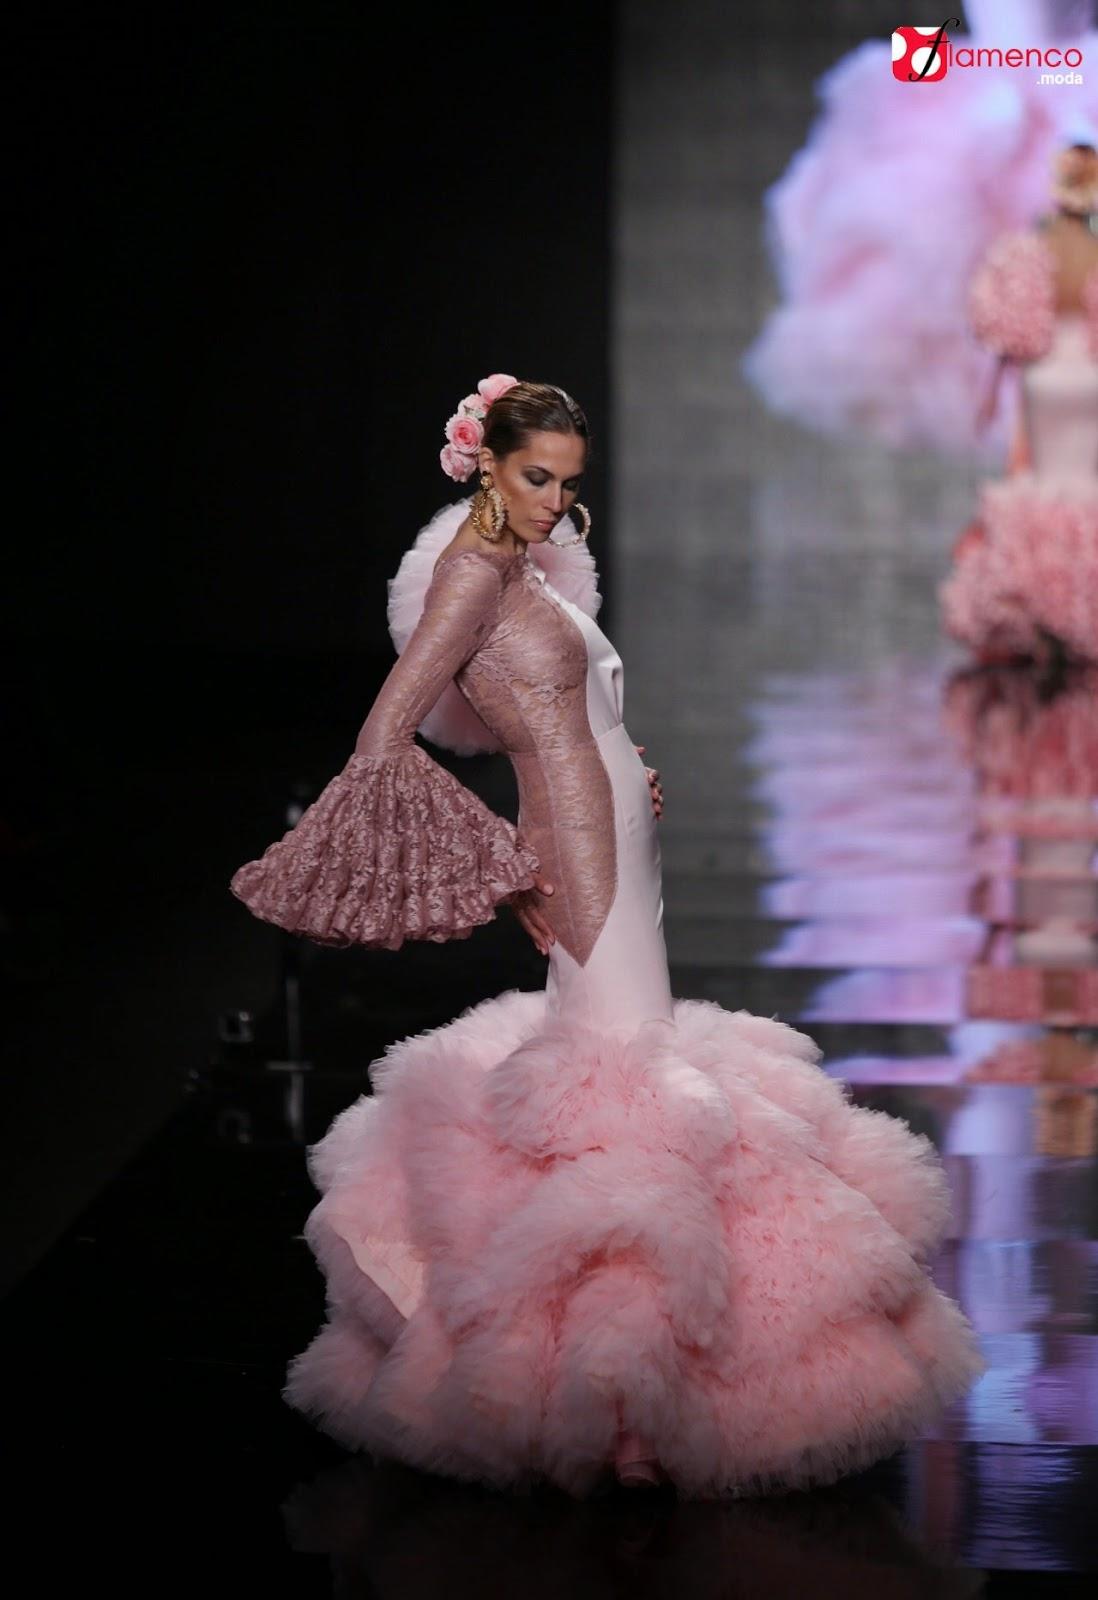 http://flamenco.moda/cristina-garcia-contigo-simof-2015/